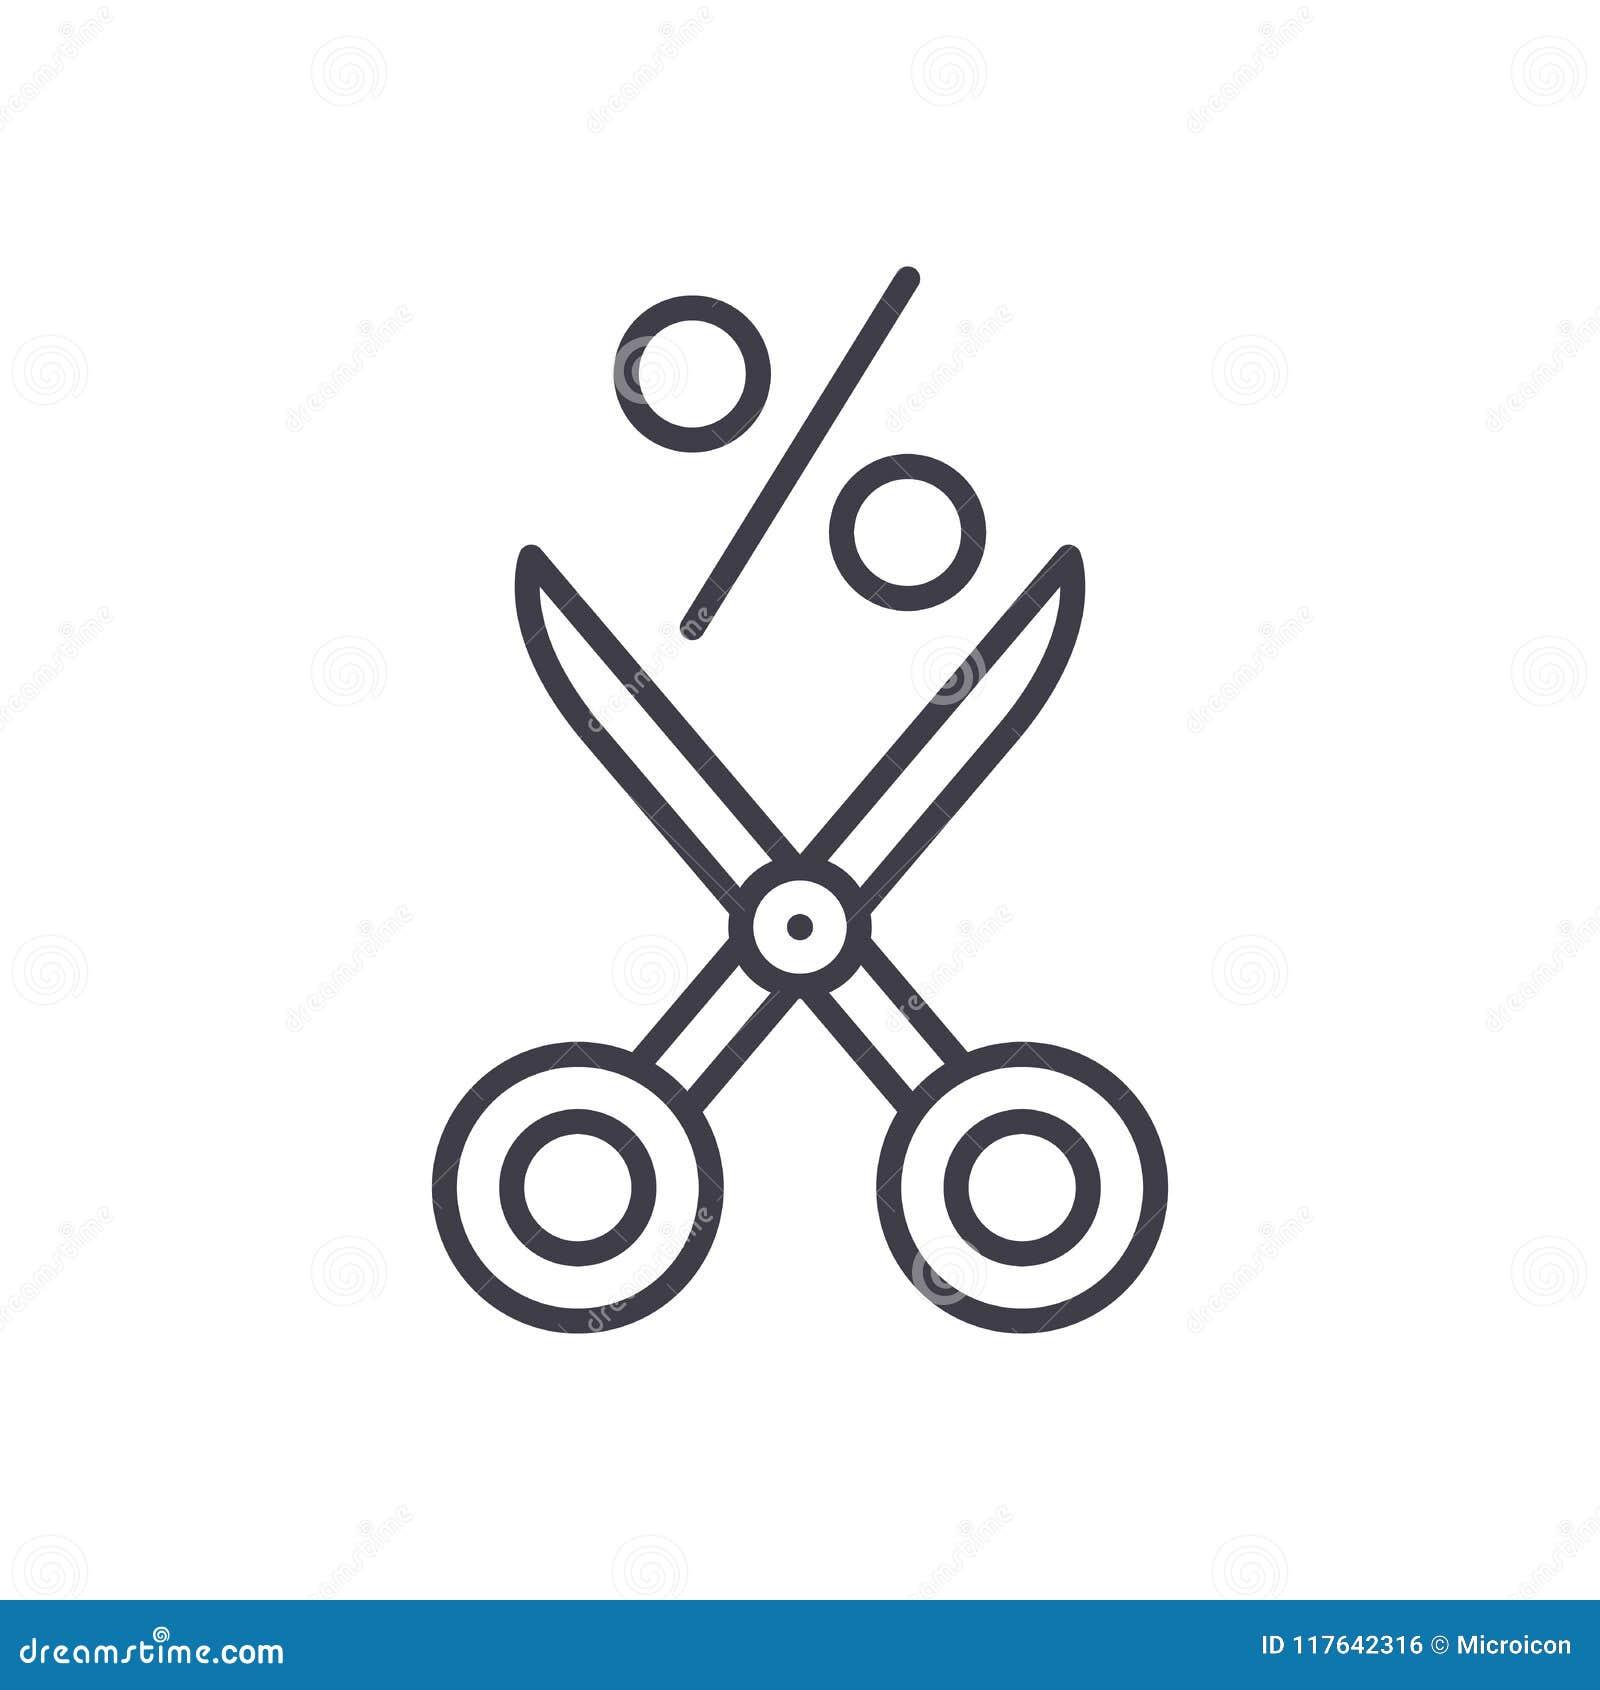 Oferecendo um conceito do ícone do preto do disconto Oferecendo a um disconto o símbolo liso do vetor, sinal, ilustração